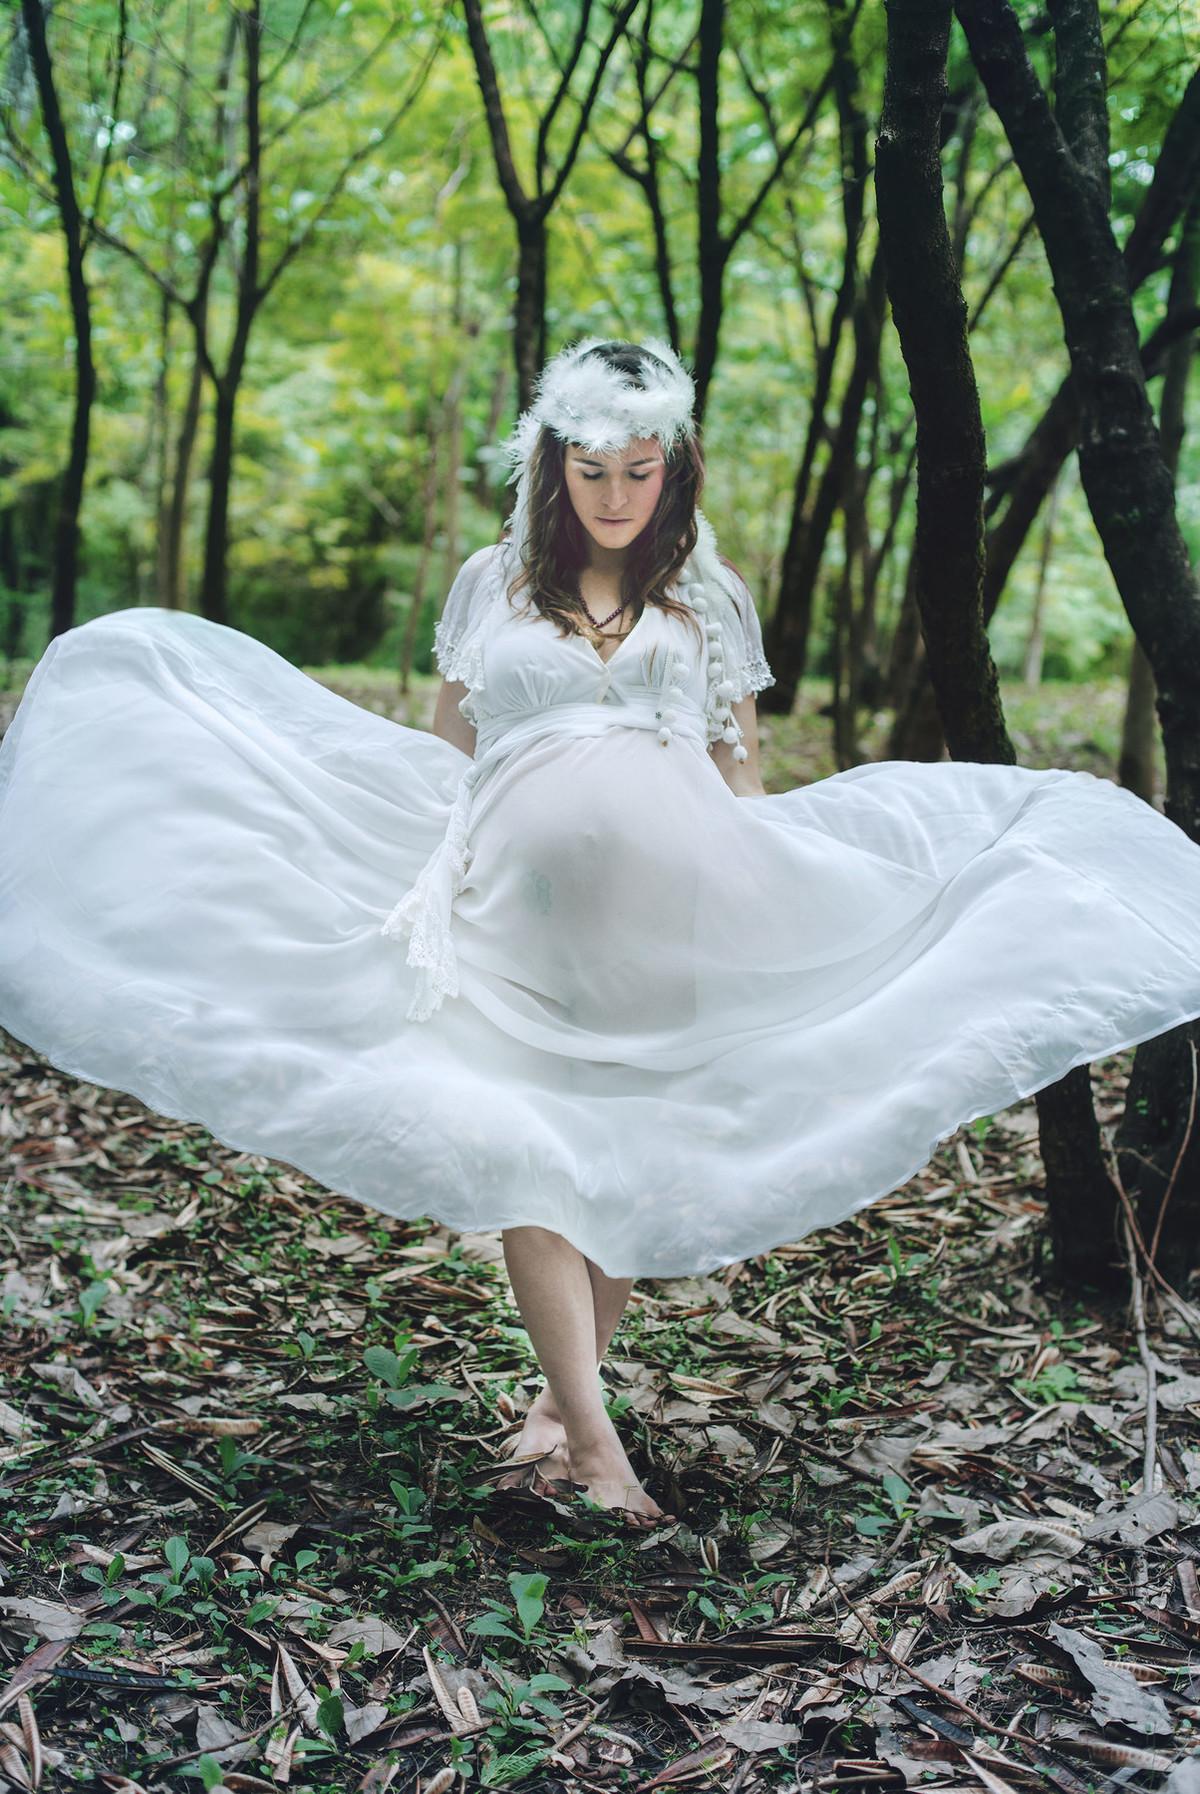 Gestante posando para ensaio fotográfico com muito vento em floresta em Brasília-DF. posing for pregnant photoshoot windy in forest in Brasilia-DF